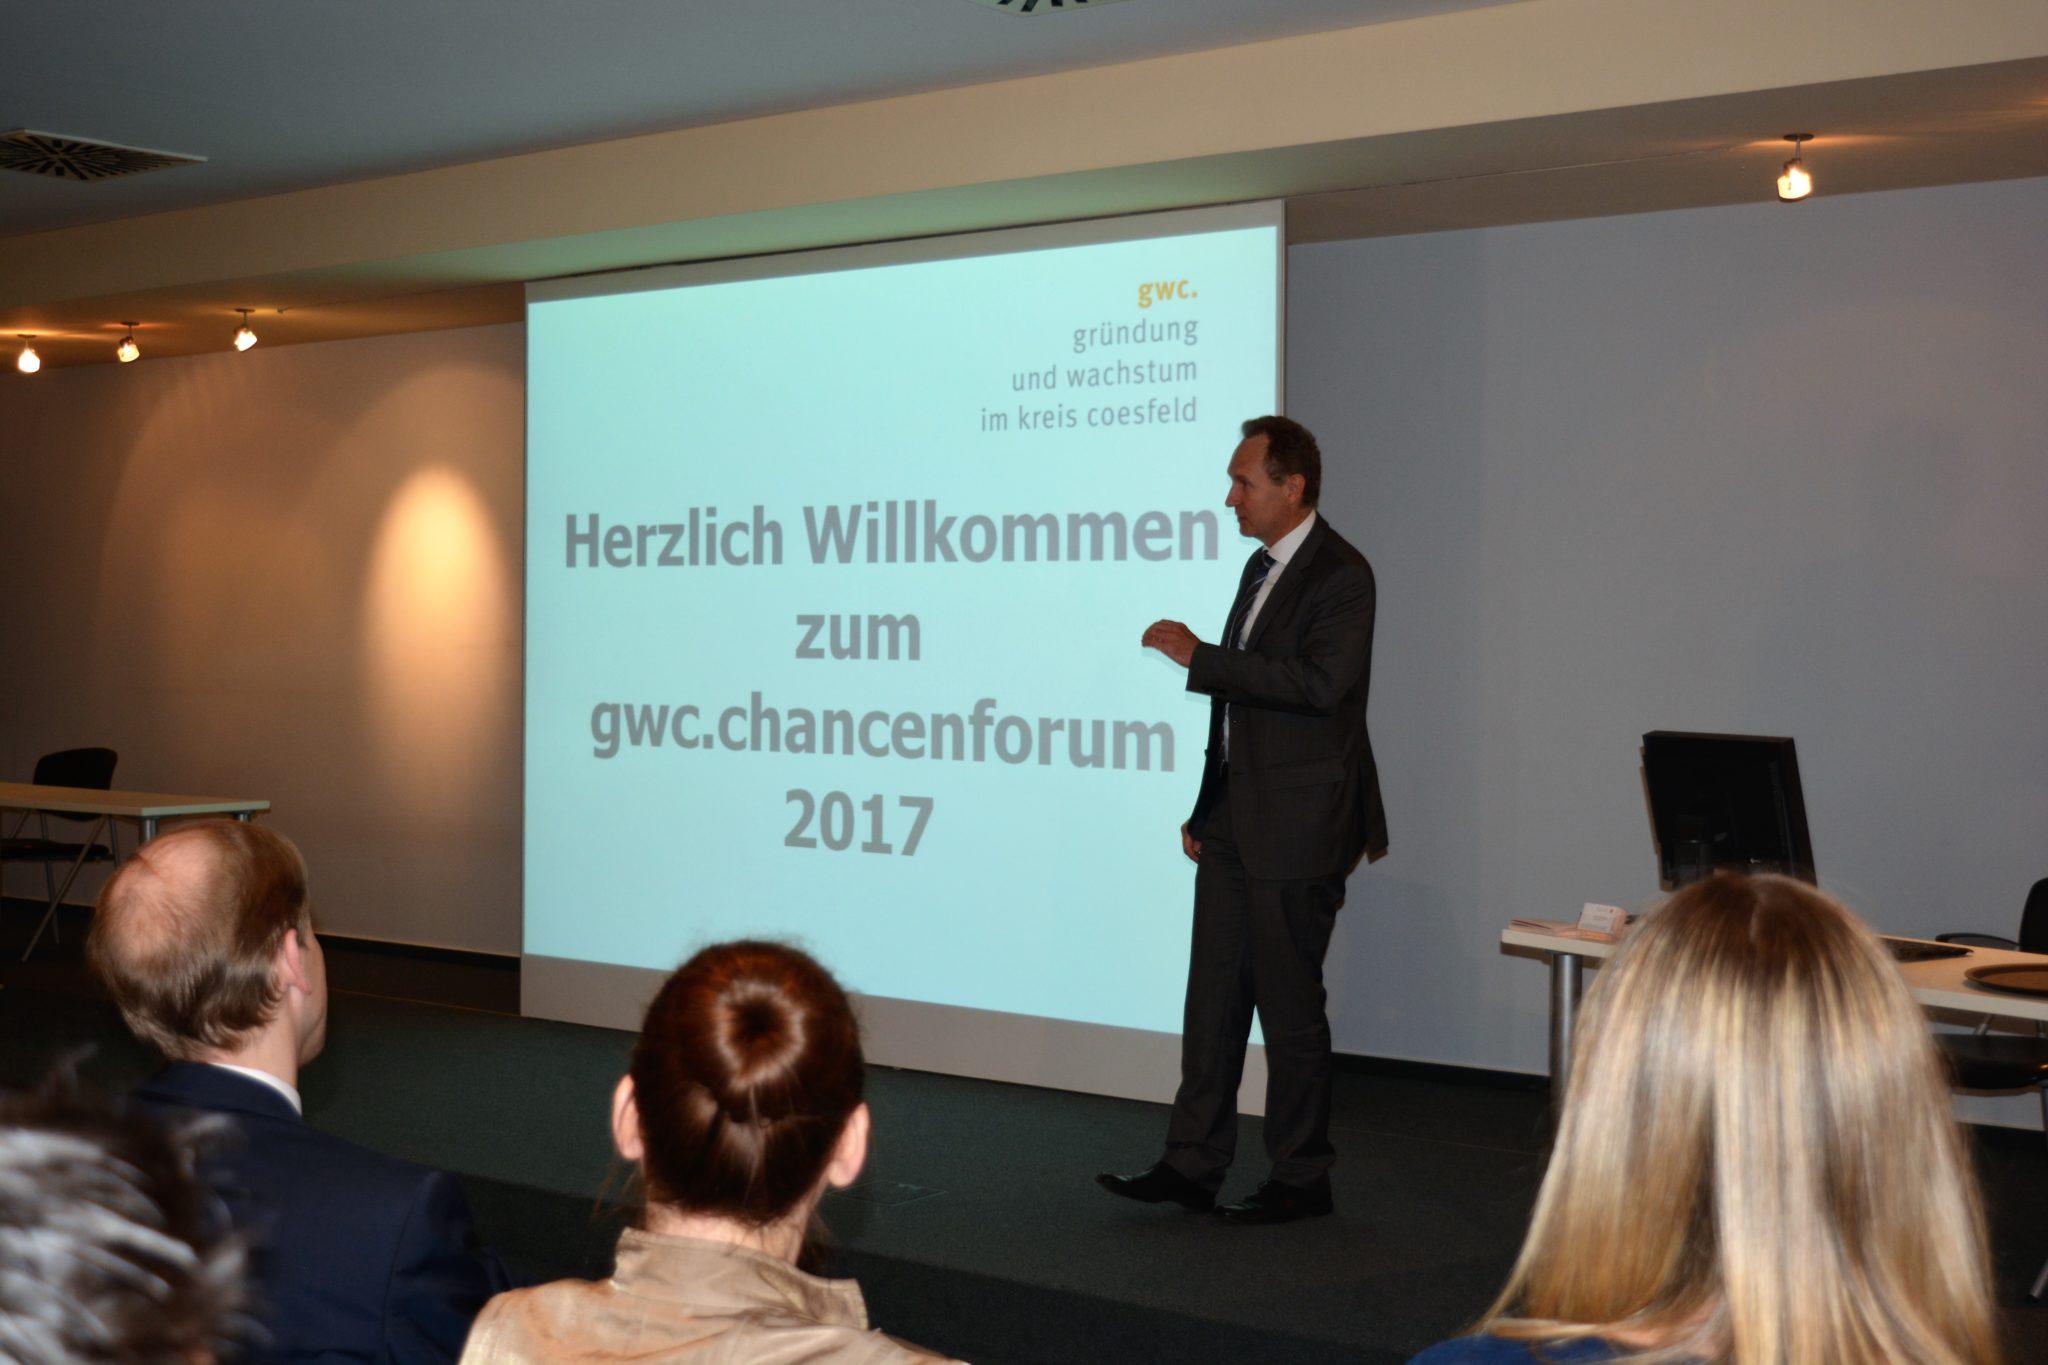 gwc.chancenforum 2017